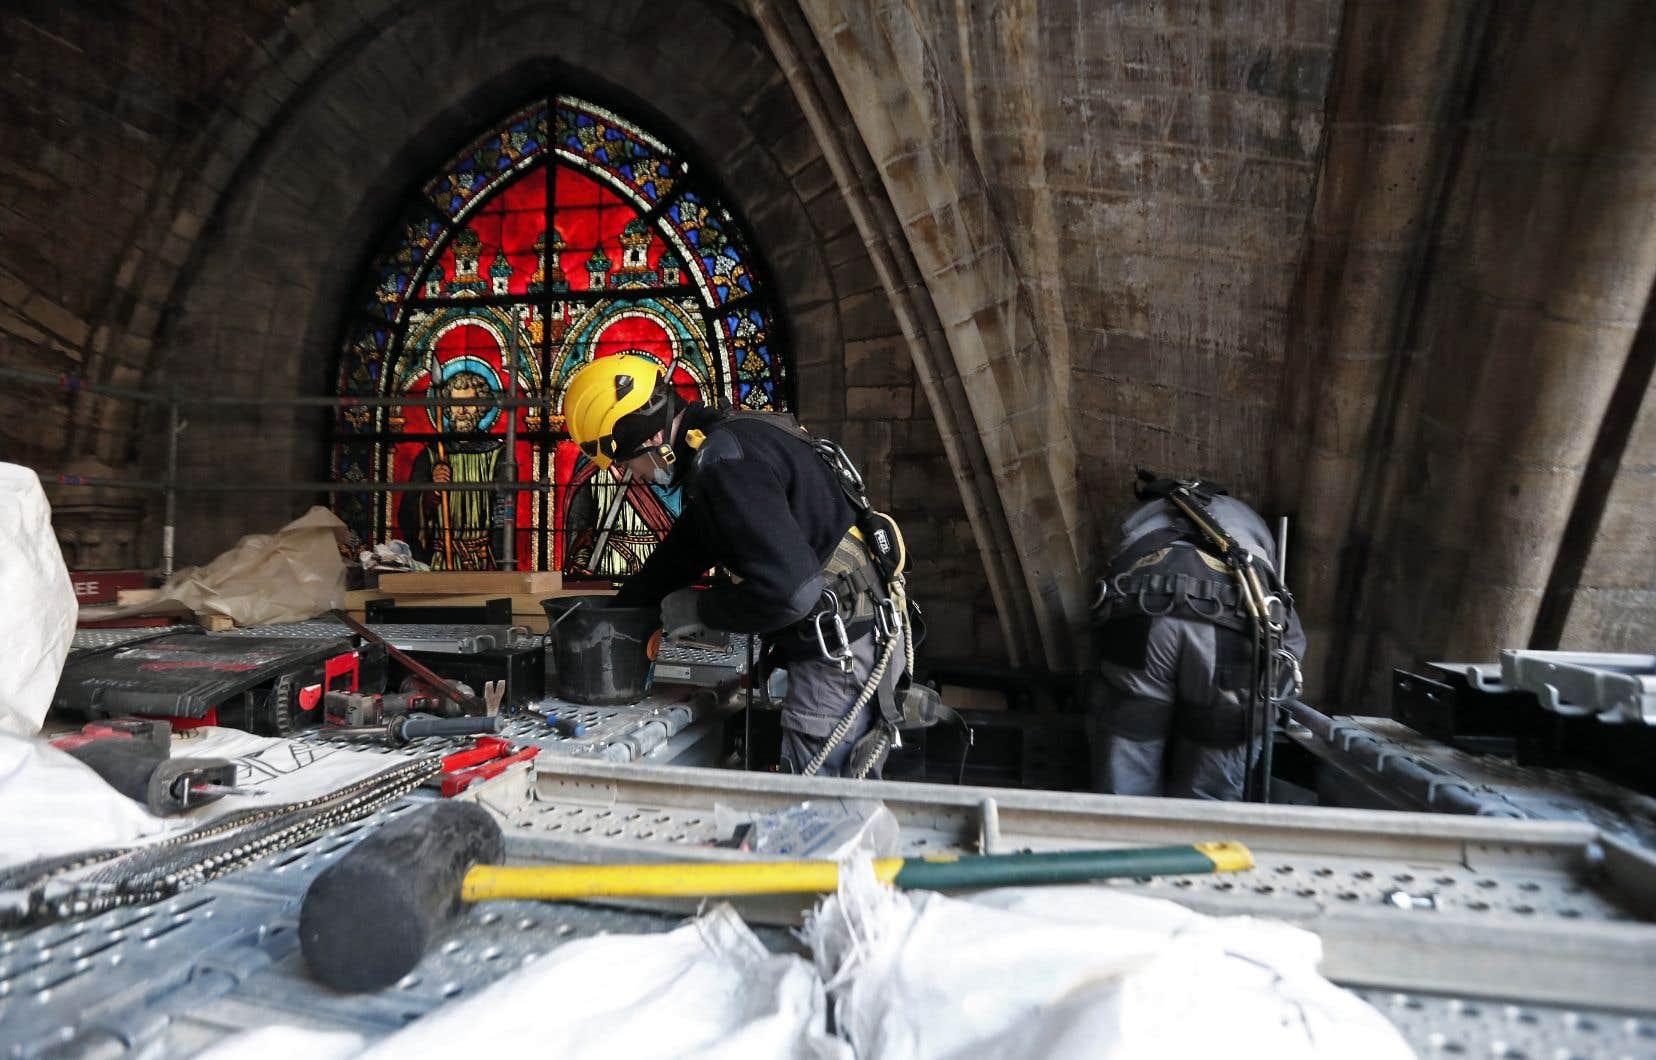 Au total, plus de 800millions d'euros de dons ont été récoltés pour les travaux sur le monument gravement endommagé par l'incendie du 15avril 2019.